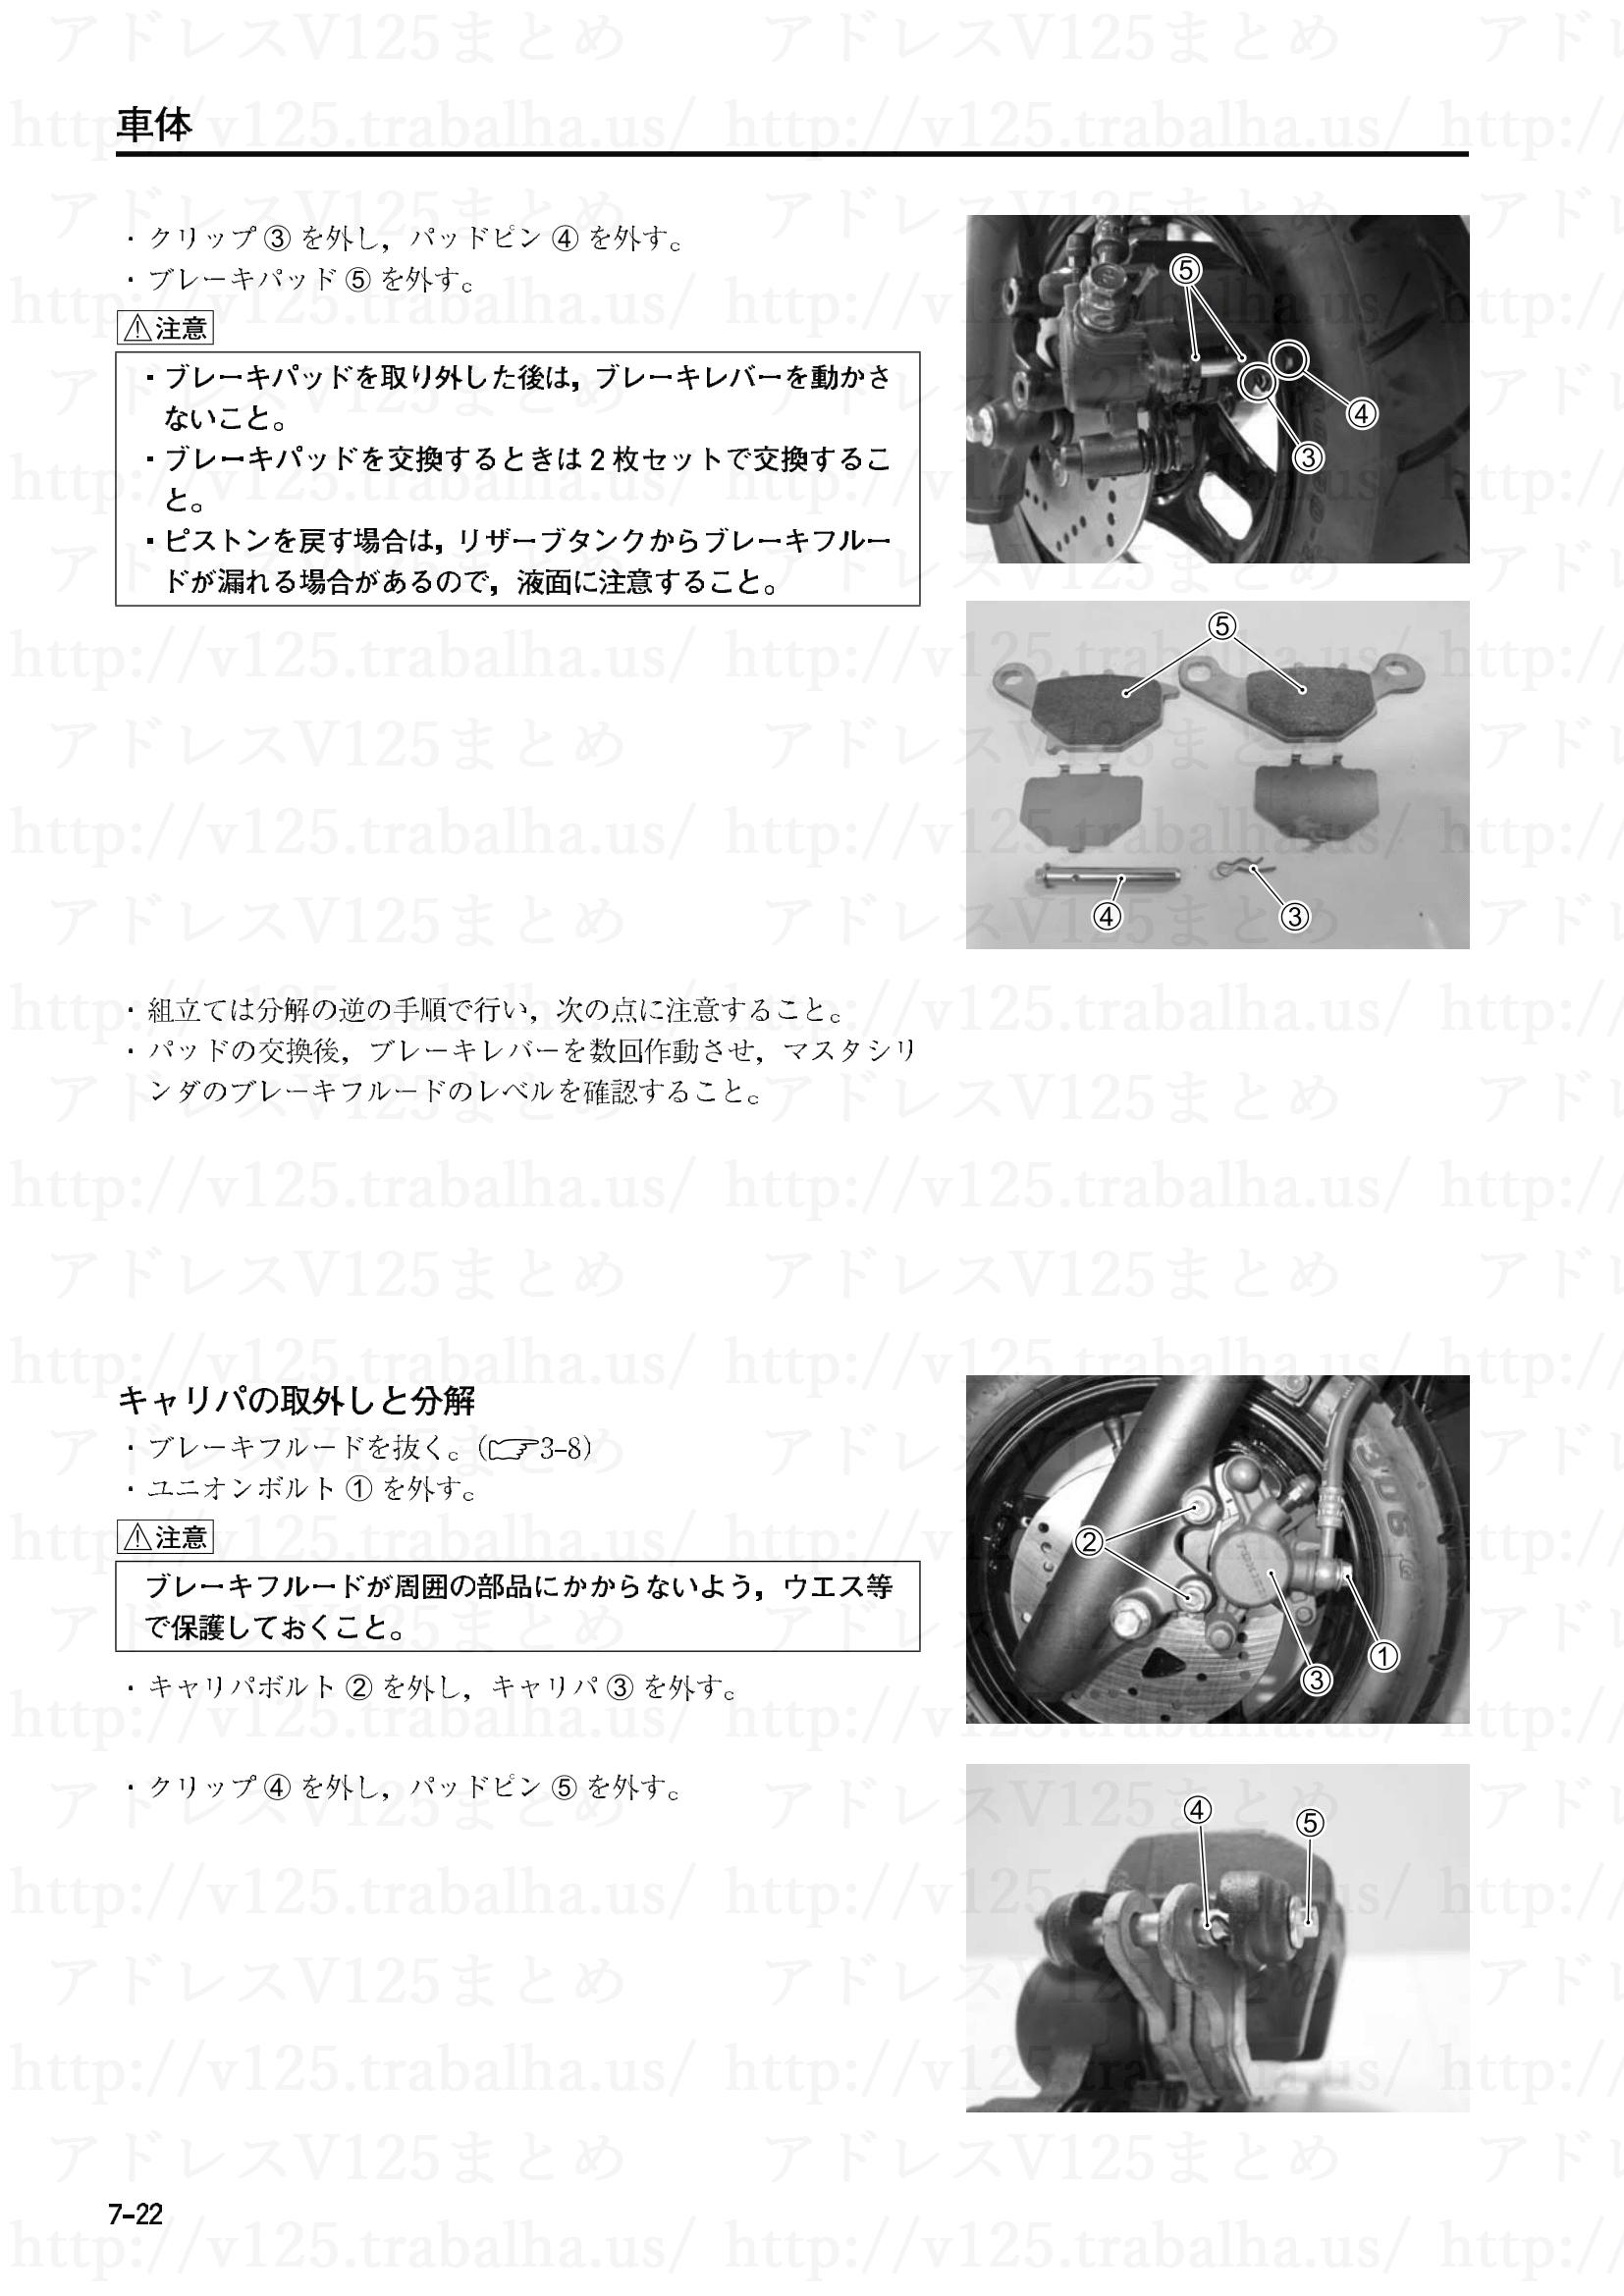 7-22【車体】キャリパの取外しと分解1